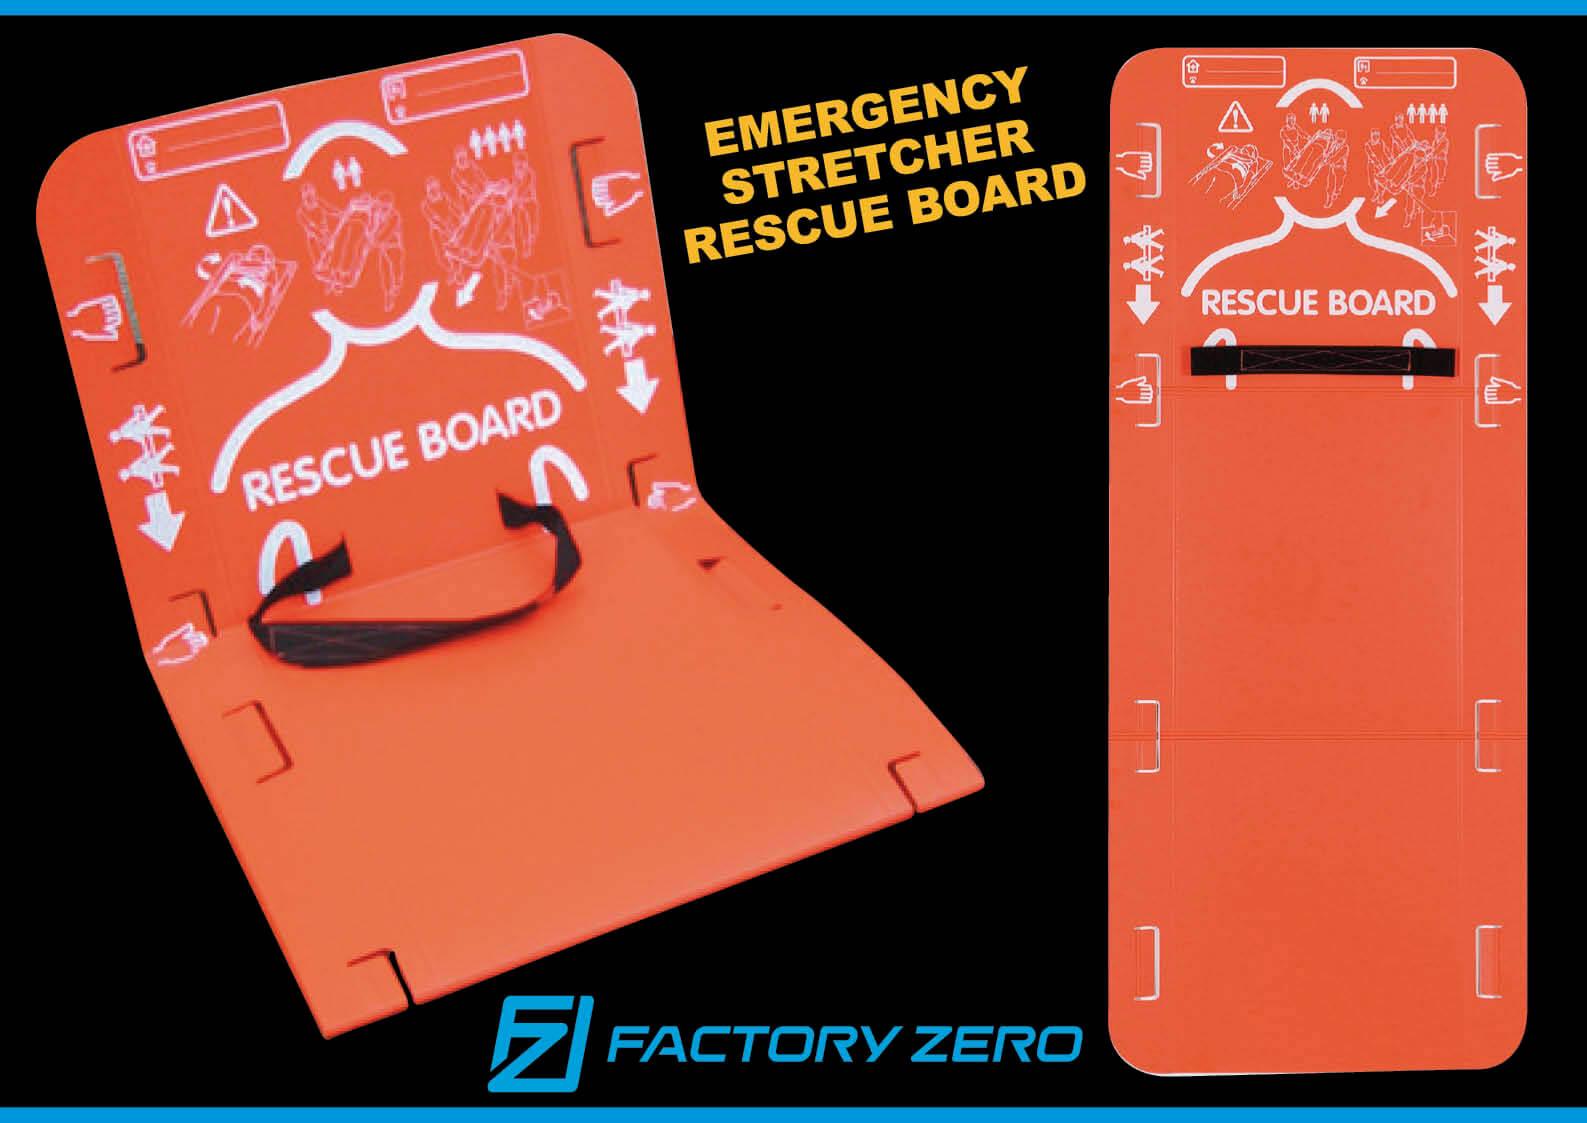 【新商品】コンパクトに収納でき、広げれば救命! 緊急用簡易担架レスキューボート ファクトリーゼロ社 ジェットスキー(水上バイク)